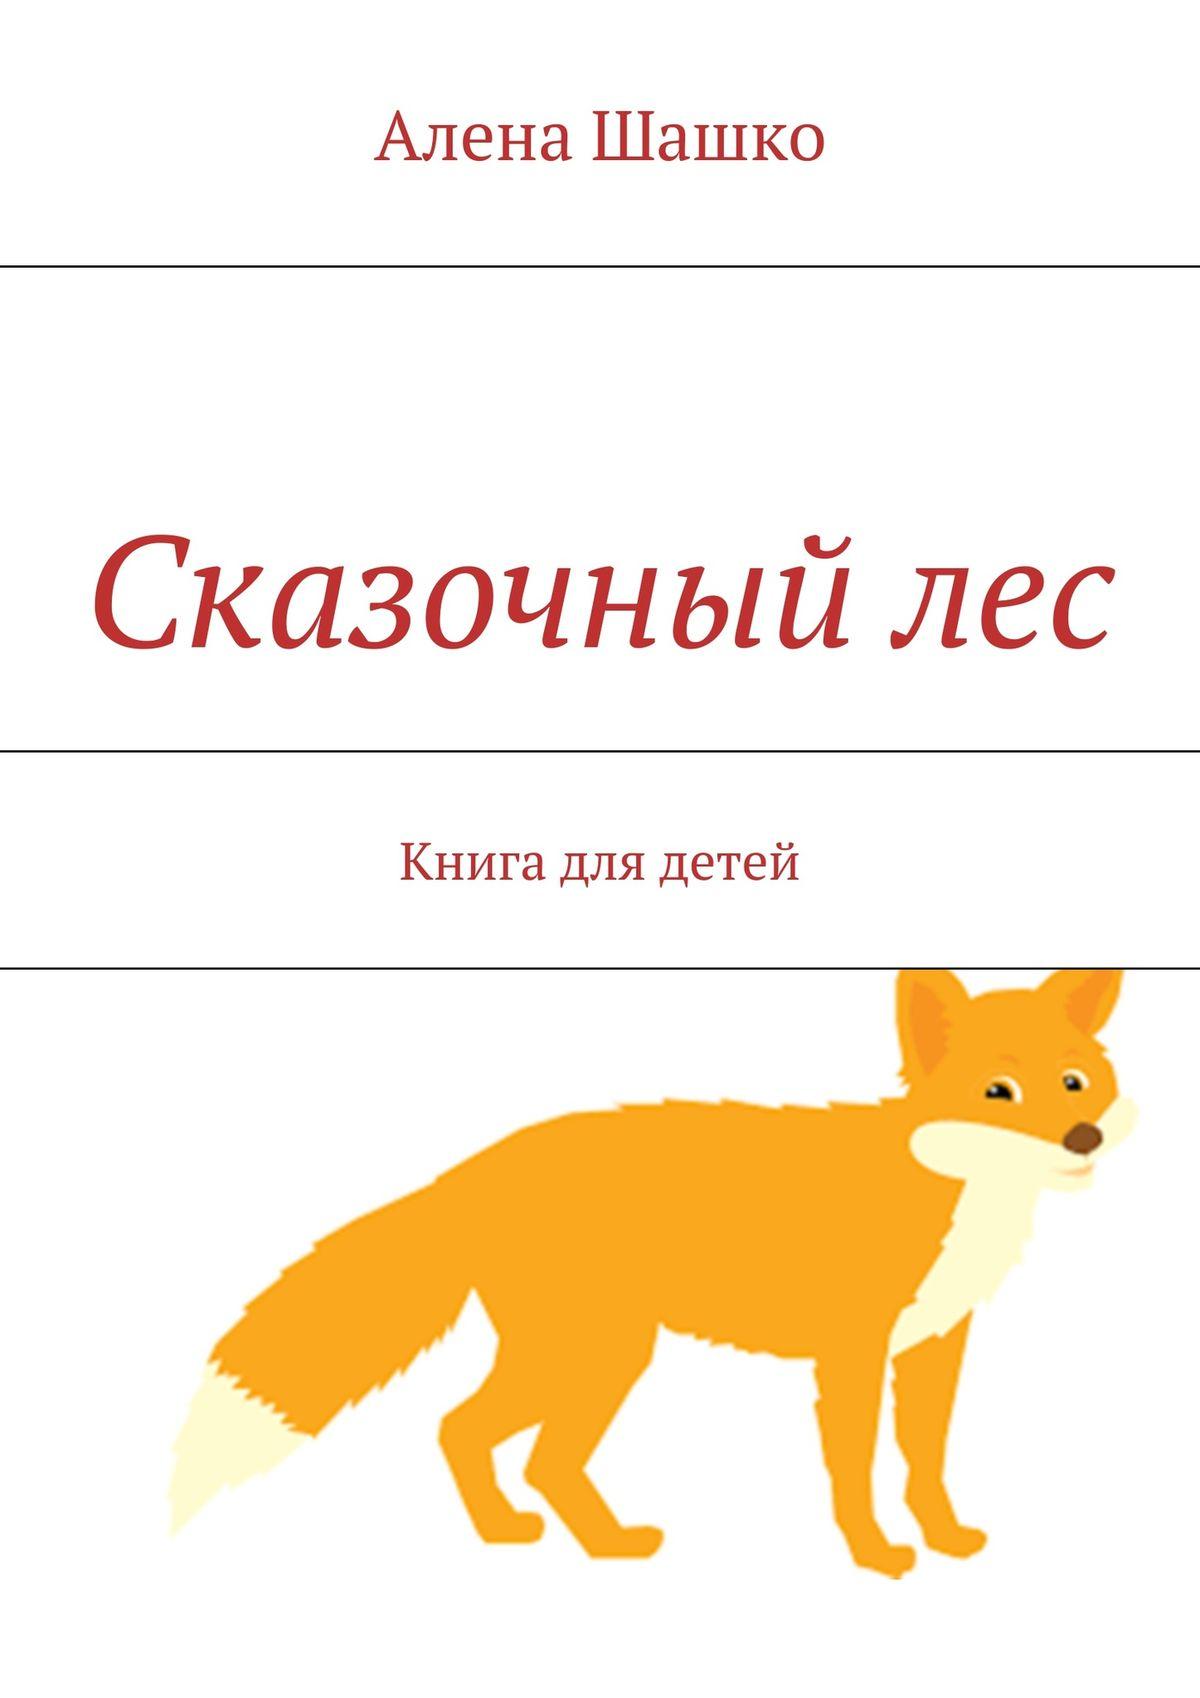 Алена Шашко Сказочныйлес. Книга для детей лесик е сказочный лес isbn 9785170952458